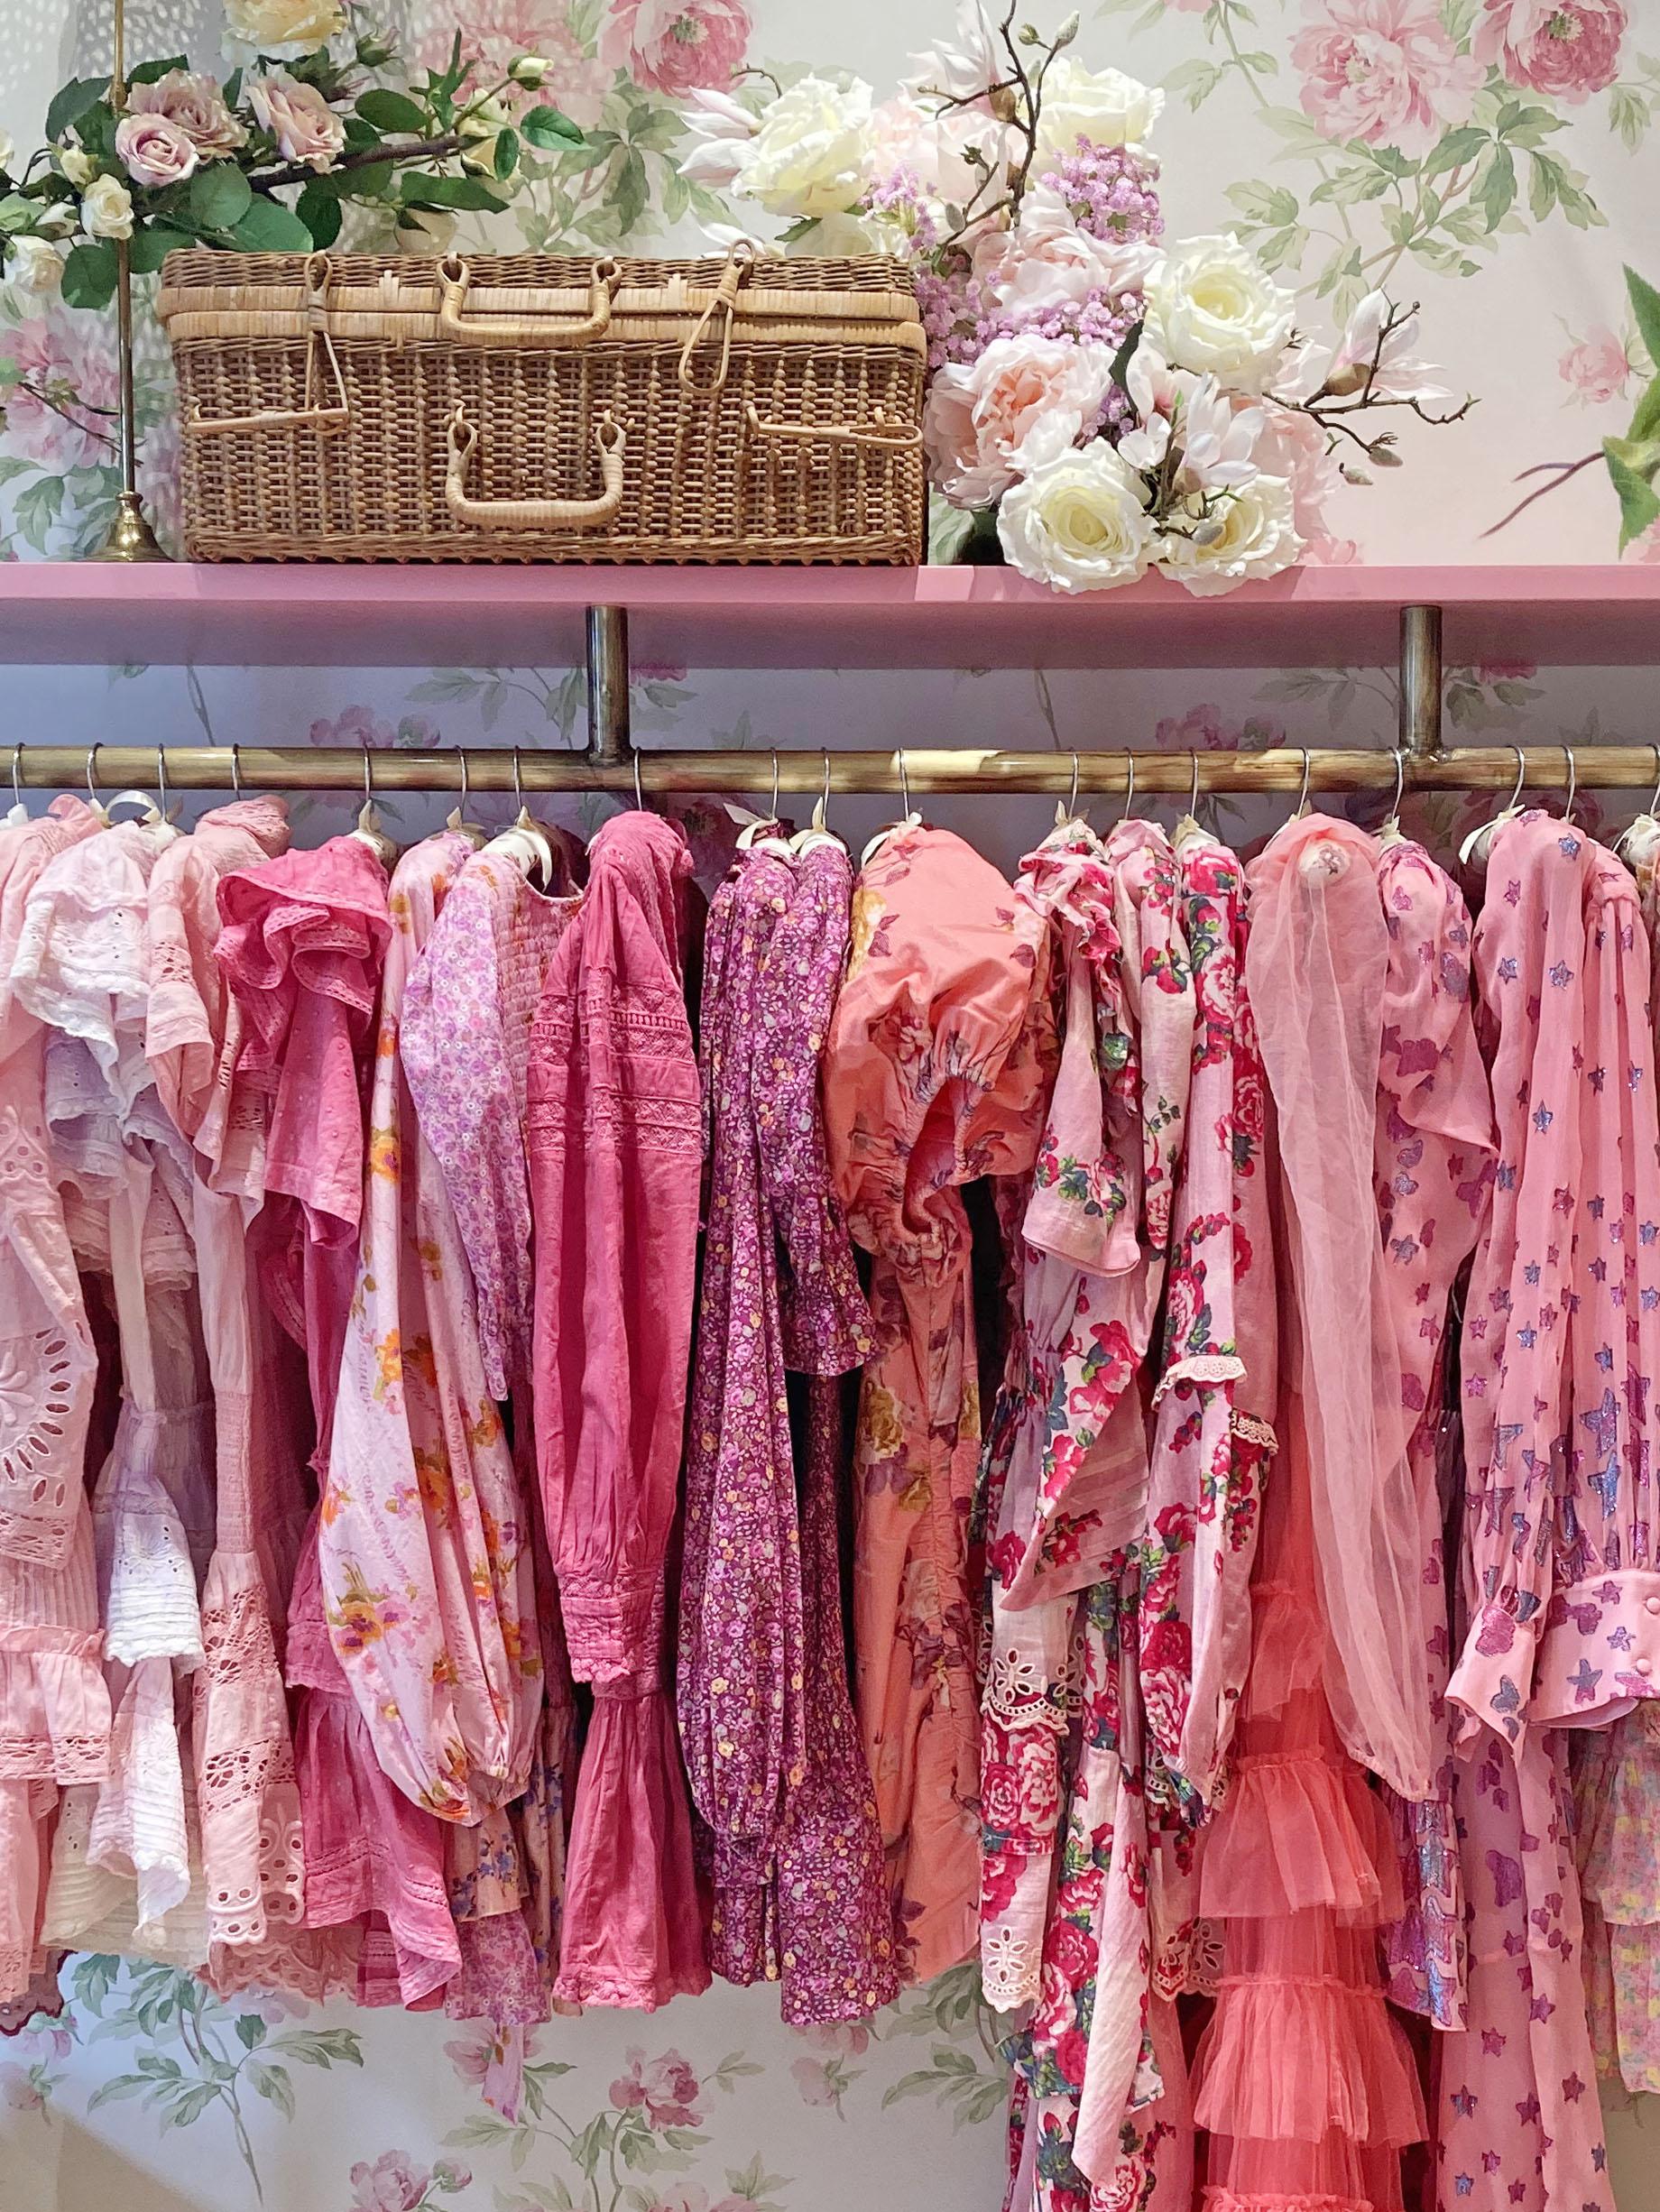 Shop-in-shop LoveShackFancy